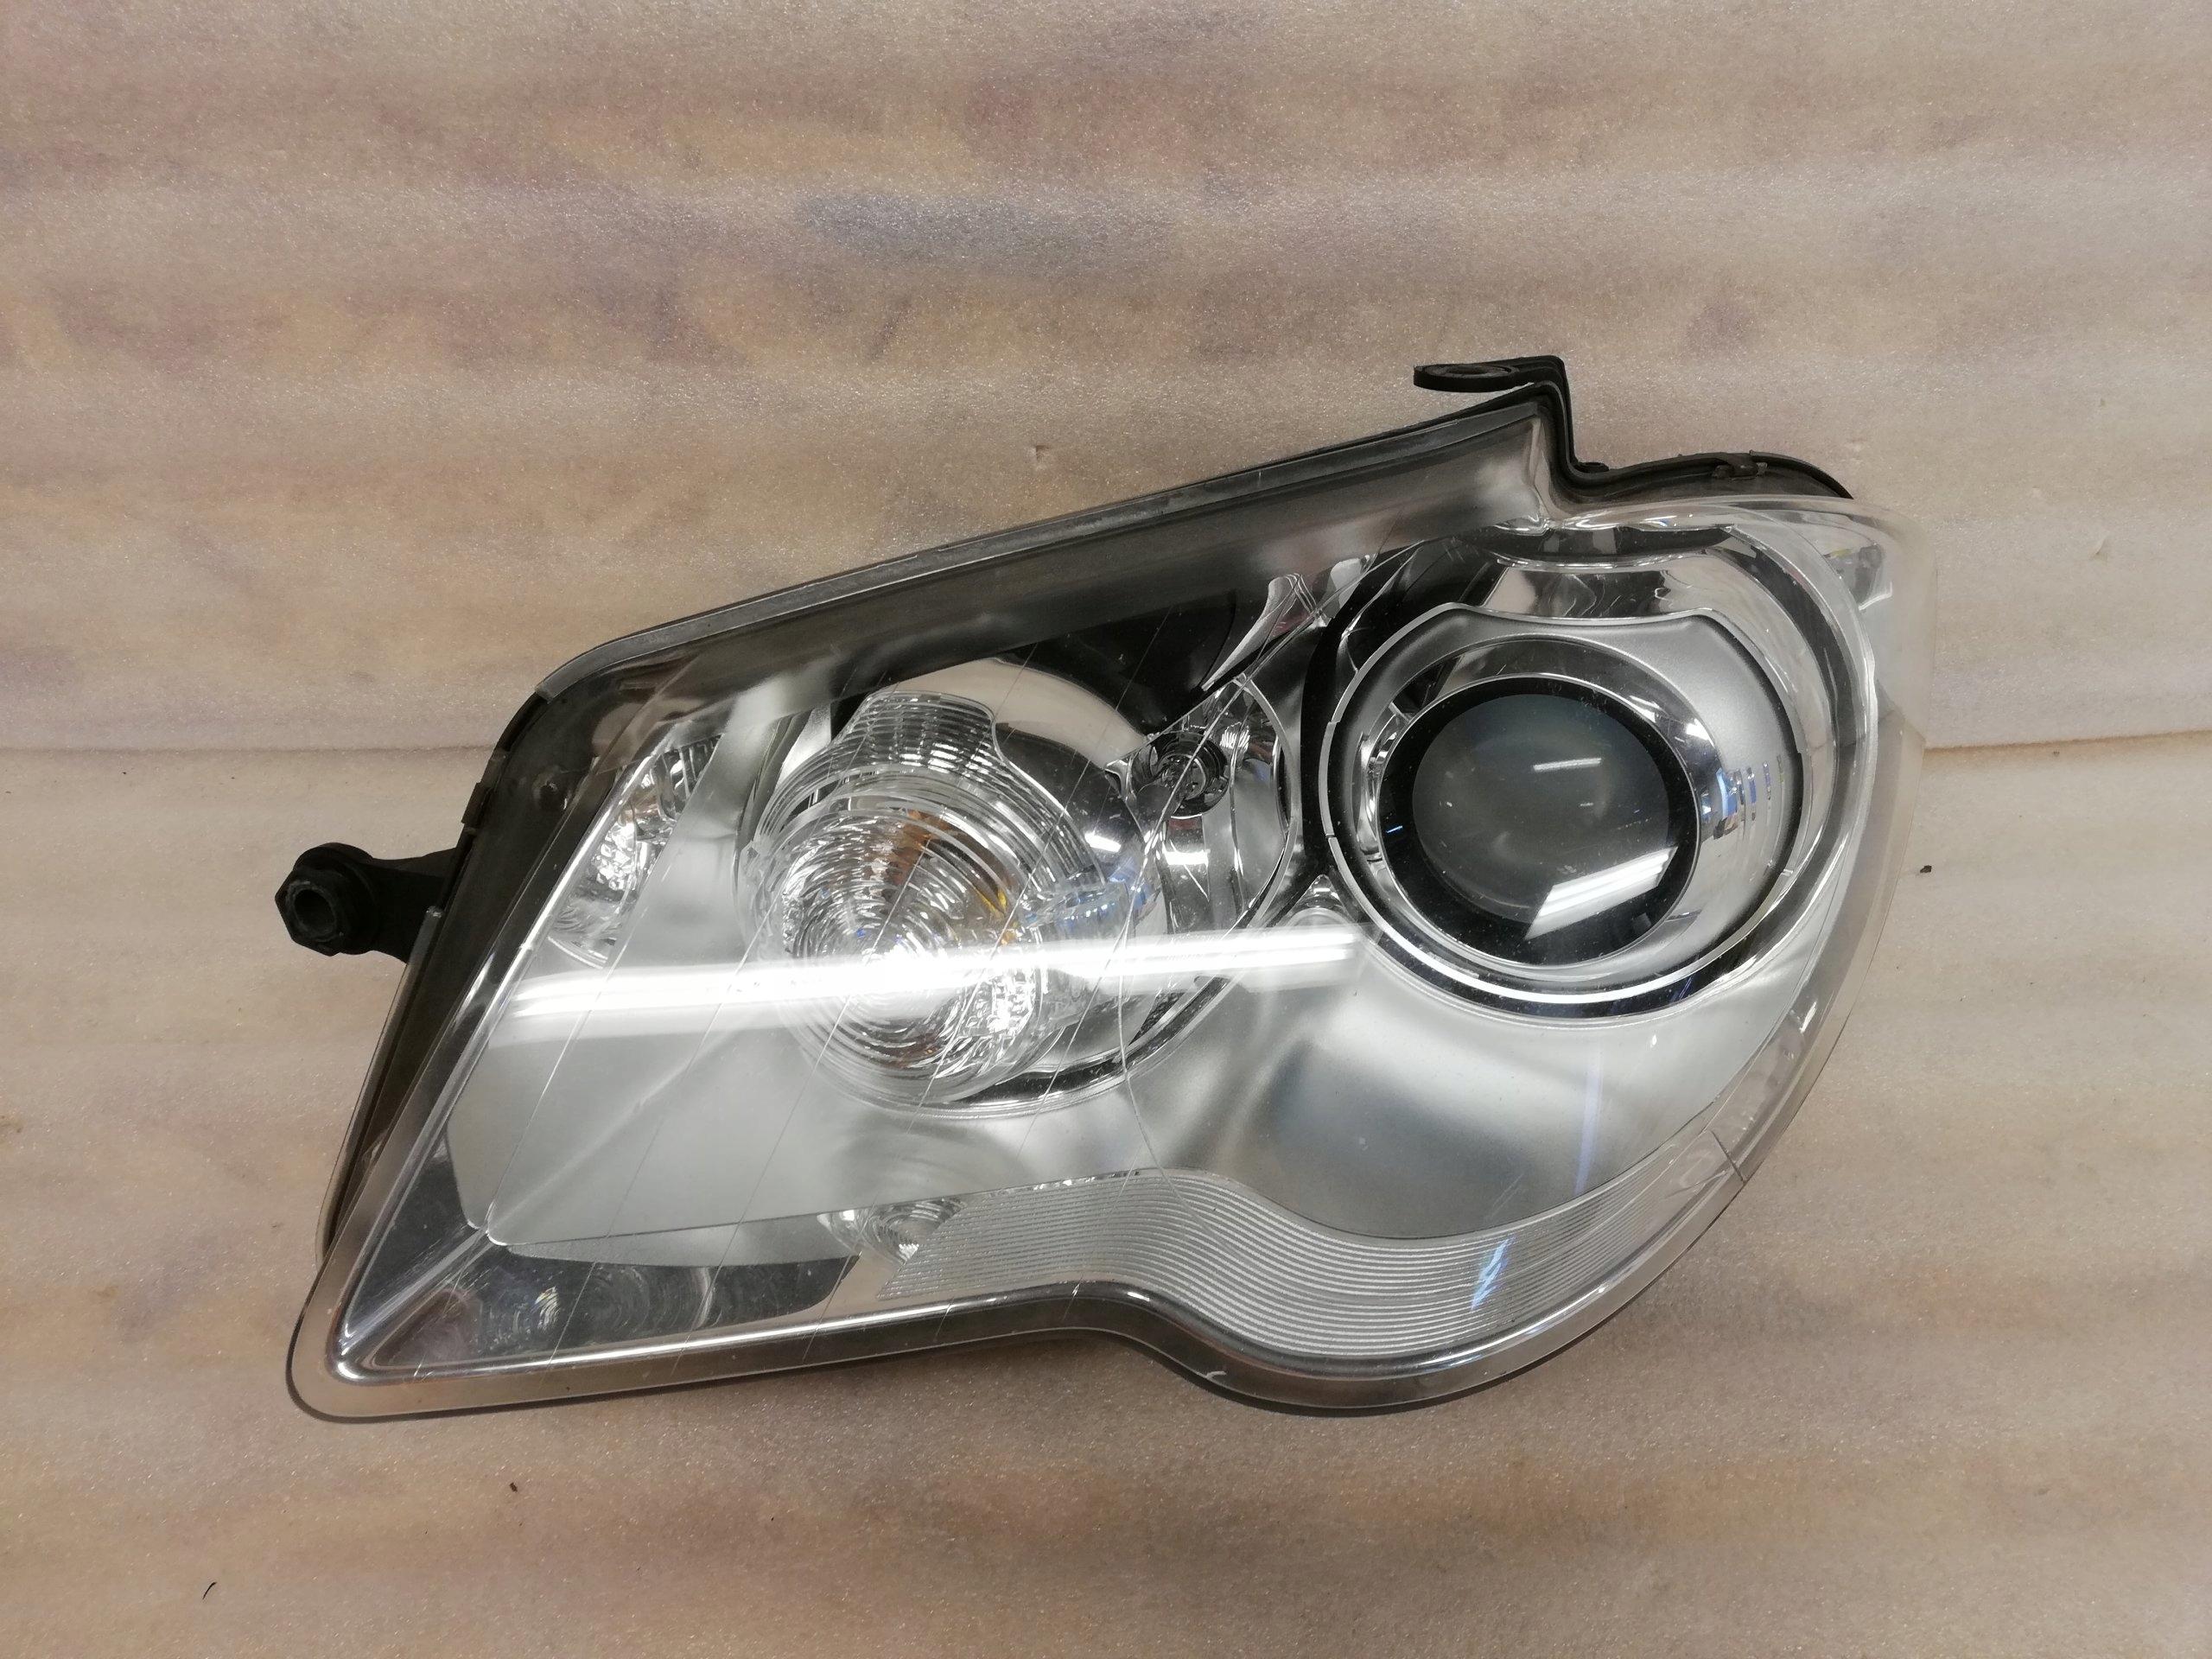 Lampa Lewa Vw Touran 1t1 Lift Xenon Demontaż 7380807290